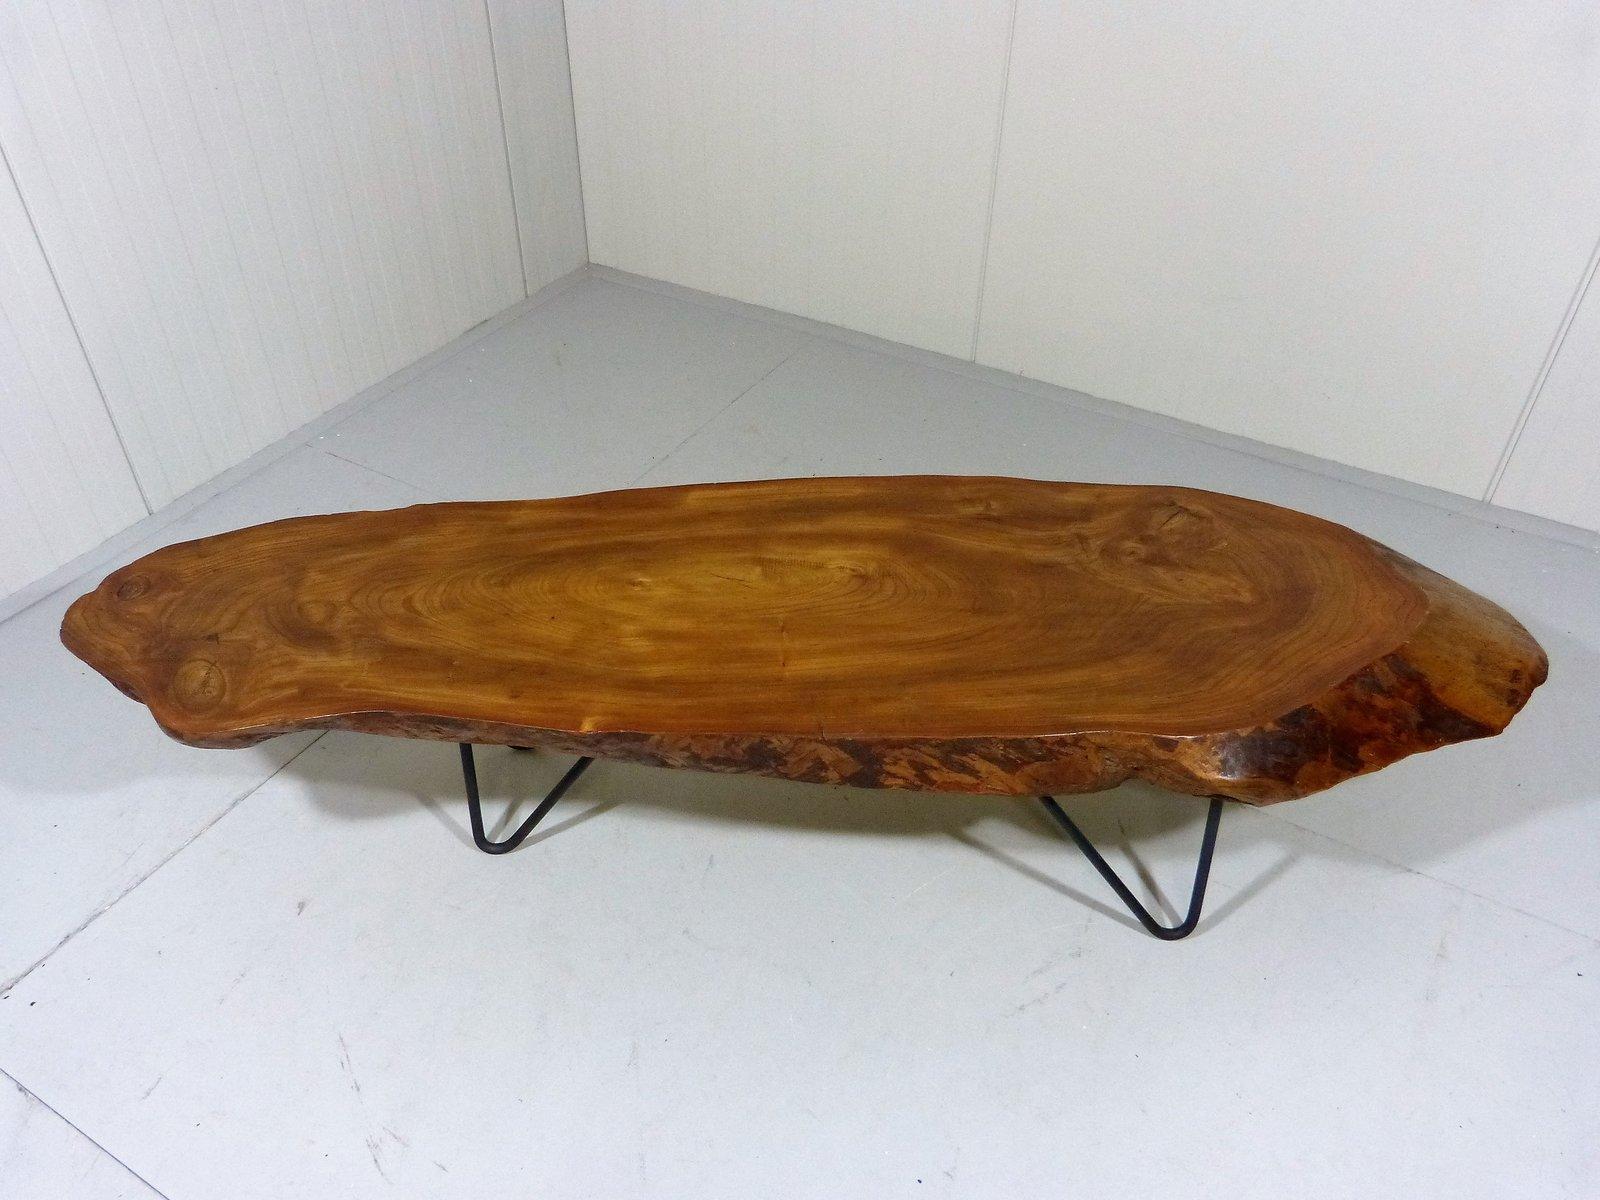 table basse tronc d arbre meilleures images d 39 inspiration pour votre design de maison. Black Bedroom Furniture Sets. Home Design Ideas